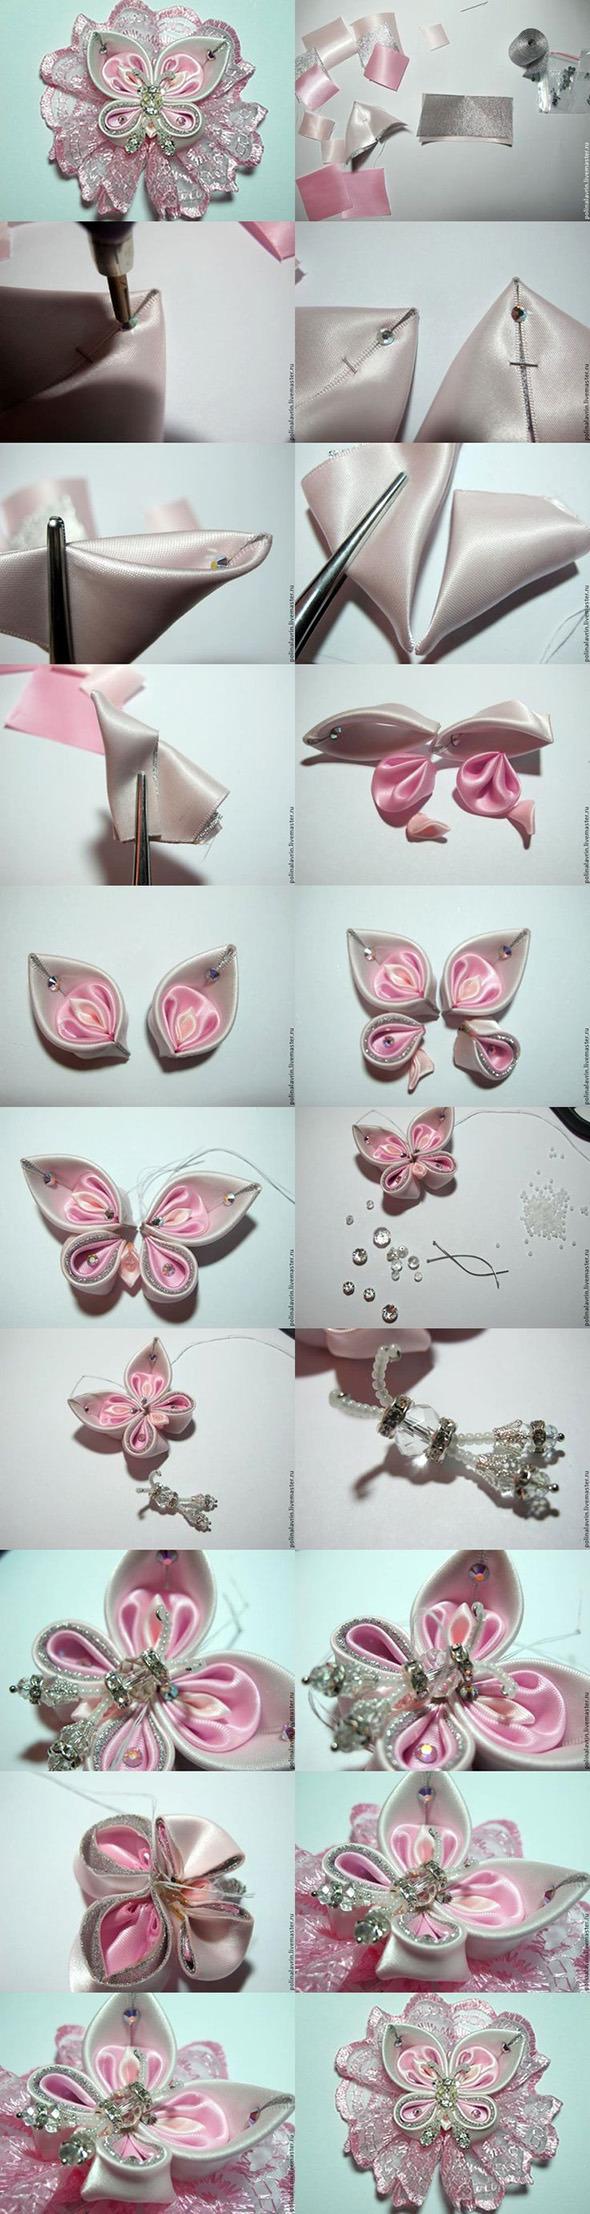 Как сделать бабочку своими руками из атласных лент